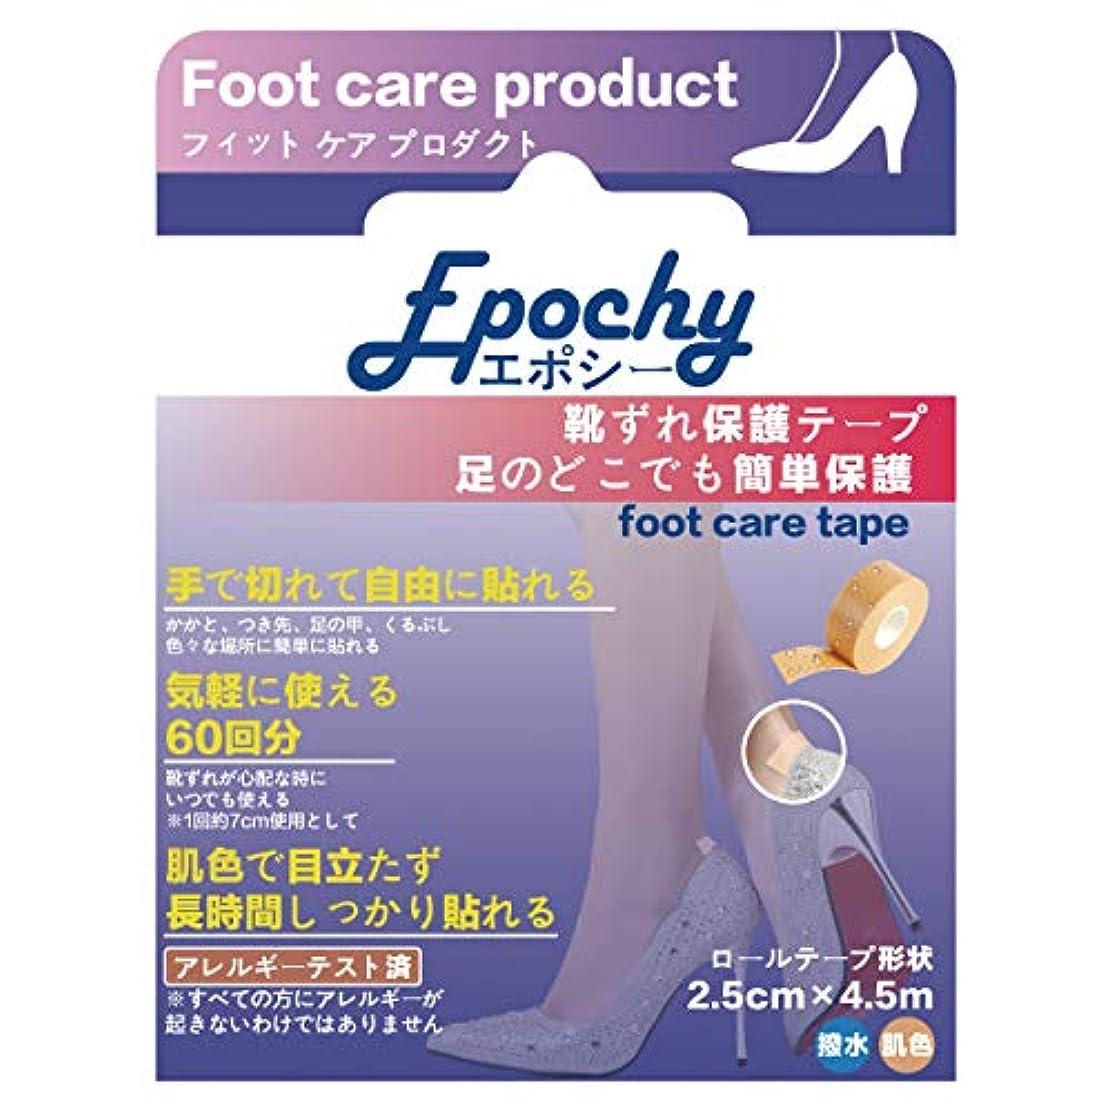 前進ボット震えエポシー™ 靴ずれ保護テープ 4.5M ロールテープ形状 強力 透明 肌用 皮膚に優しい 汗や水にも強い